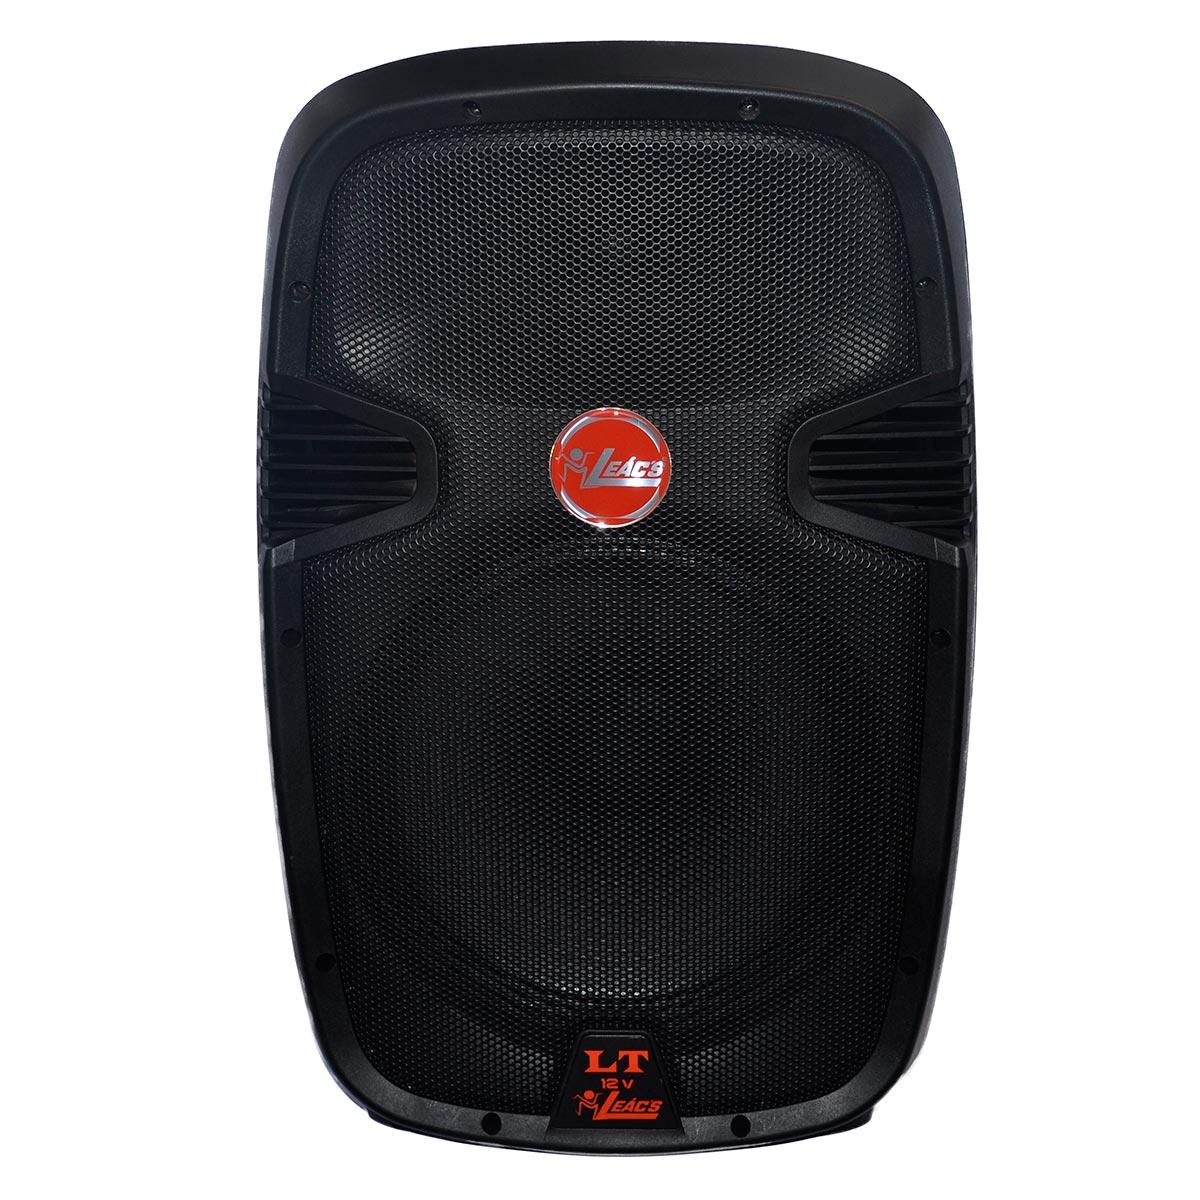 Caixa Acústica Leacs Preto 150 W Rms Lt1212v